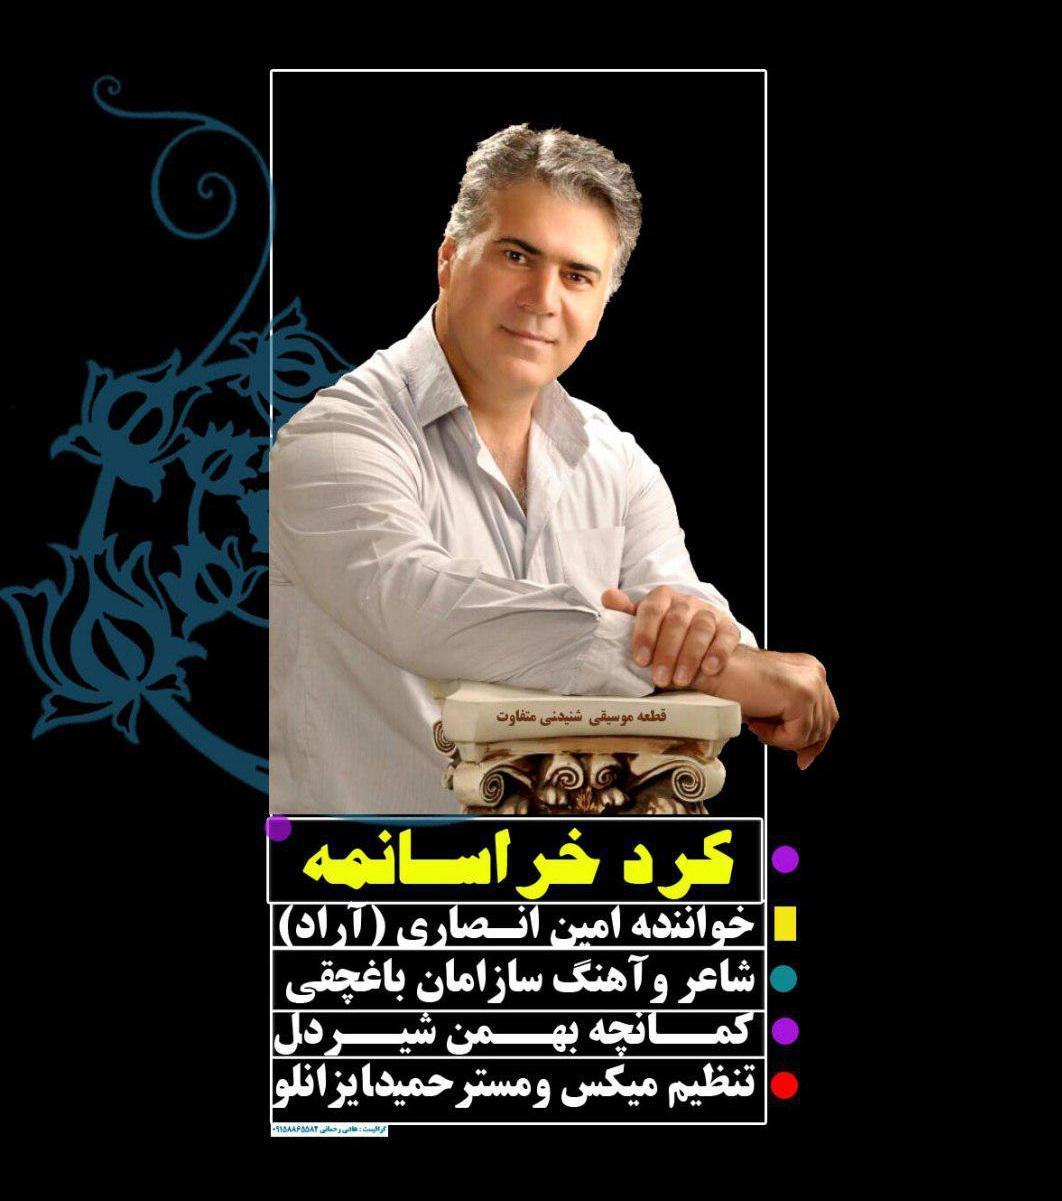 آهنگ بسیارزیبا و شنیدنی از  امین انصاری به نام کردخراسان کرمانج موزیک